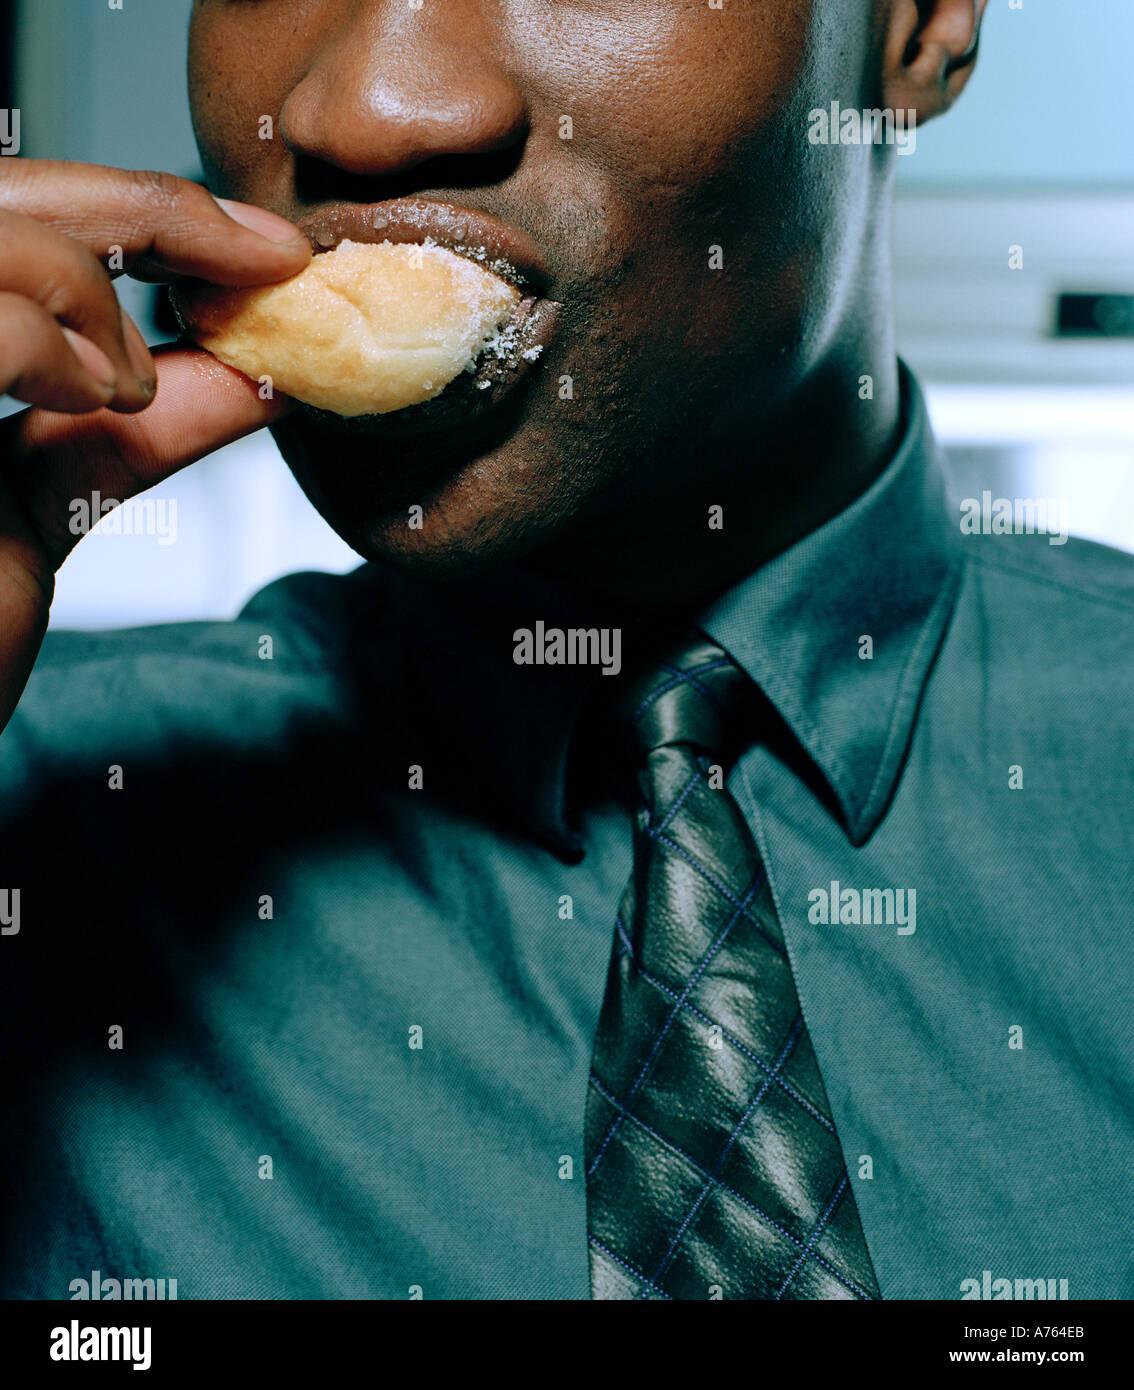 Büroangestellter Donut Essen Stockbild